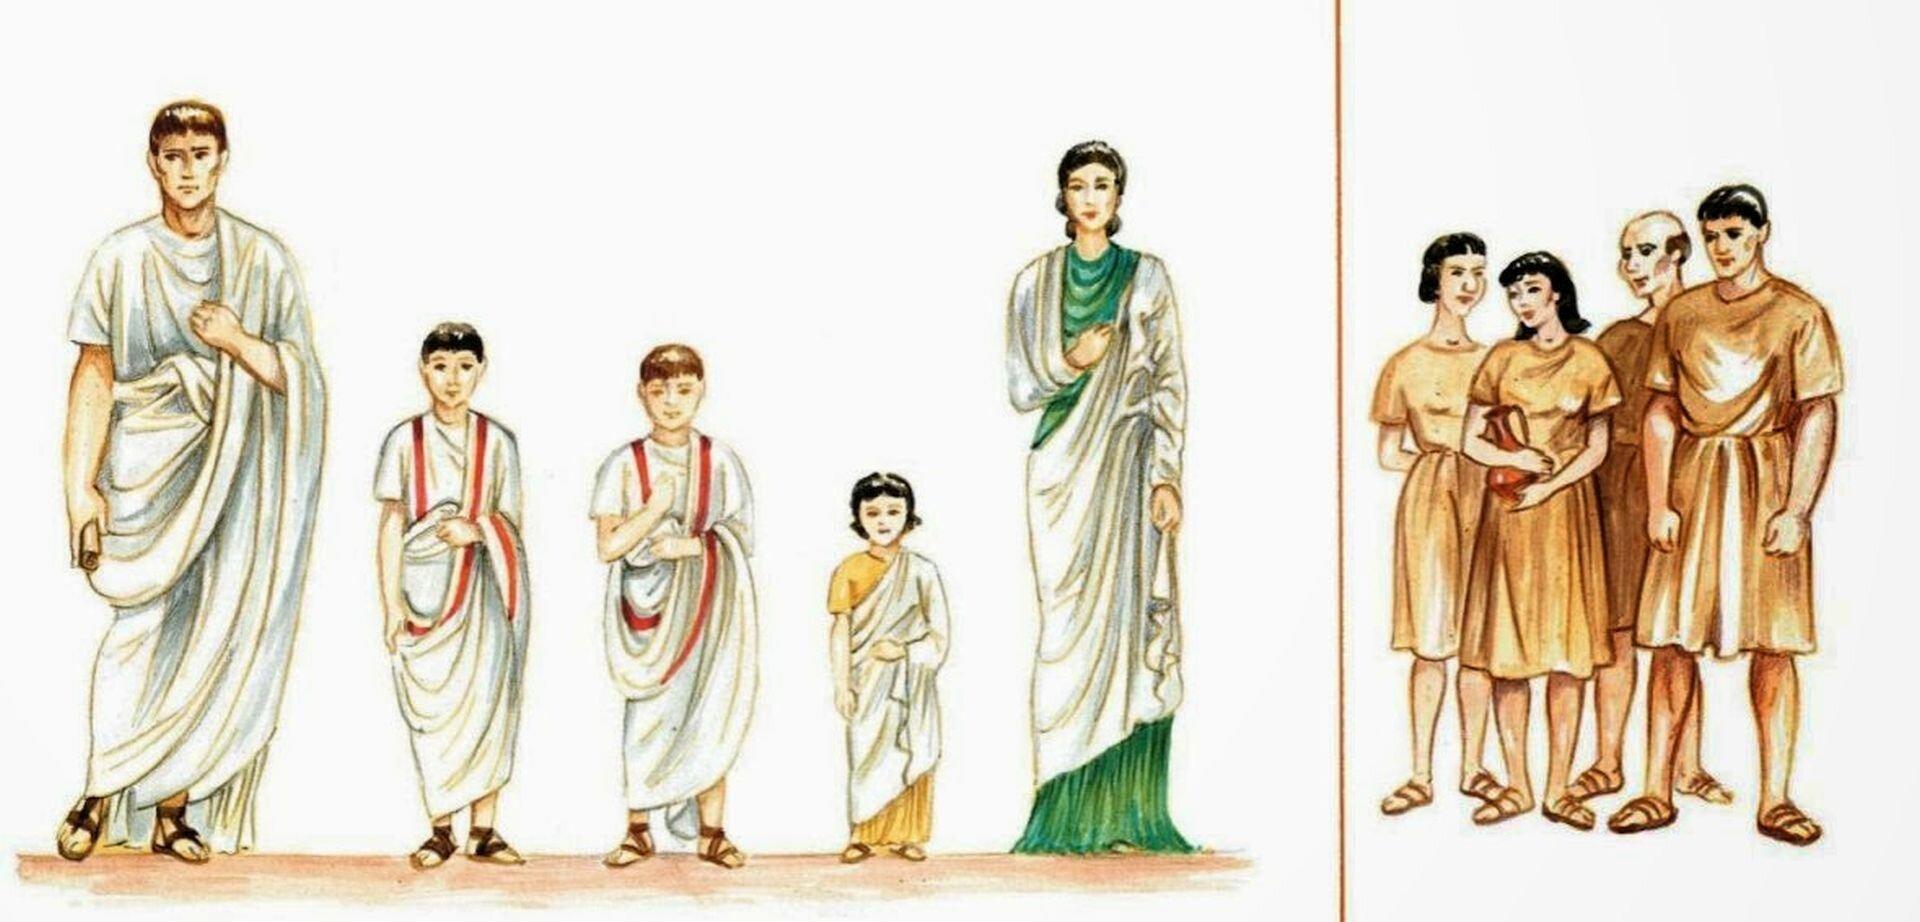 Ilustracja zksiążki Familia Romana Hansa H.Orberga przedstawia dwie rzymskie rodziny: bogatą oraz biedną. Pokazana bogata rodzina składa się zpięciu członków: matki, ojca, dwóch chłopców oraz dziewczynki. Wszyscy ubrani są wzdobione togi. Natomiast biedna rodzina, która na ilustracji złożona jest zojca, matki oraz córki isyna. Wszyscy ubrani są wproste krótkie tuniki.